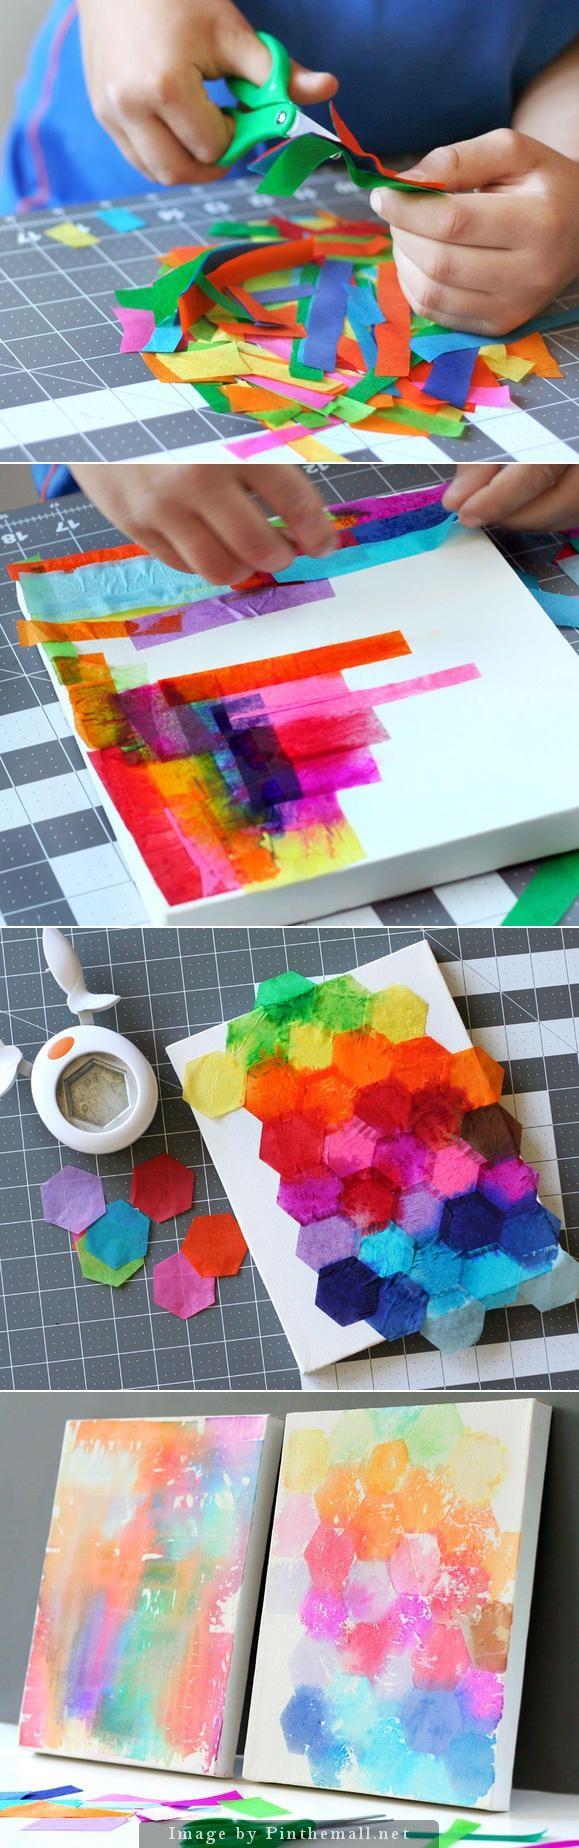 mit seidenpapier abdruck bilder machen bk pinterest. Black Bedroom Furniture Sets. Home Design Ideas